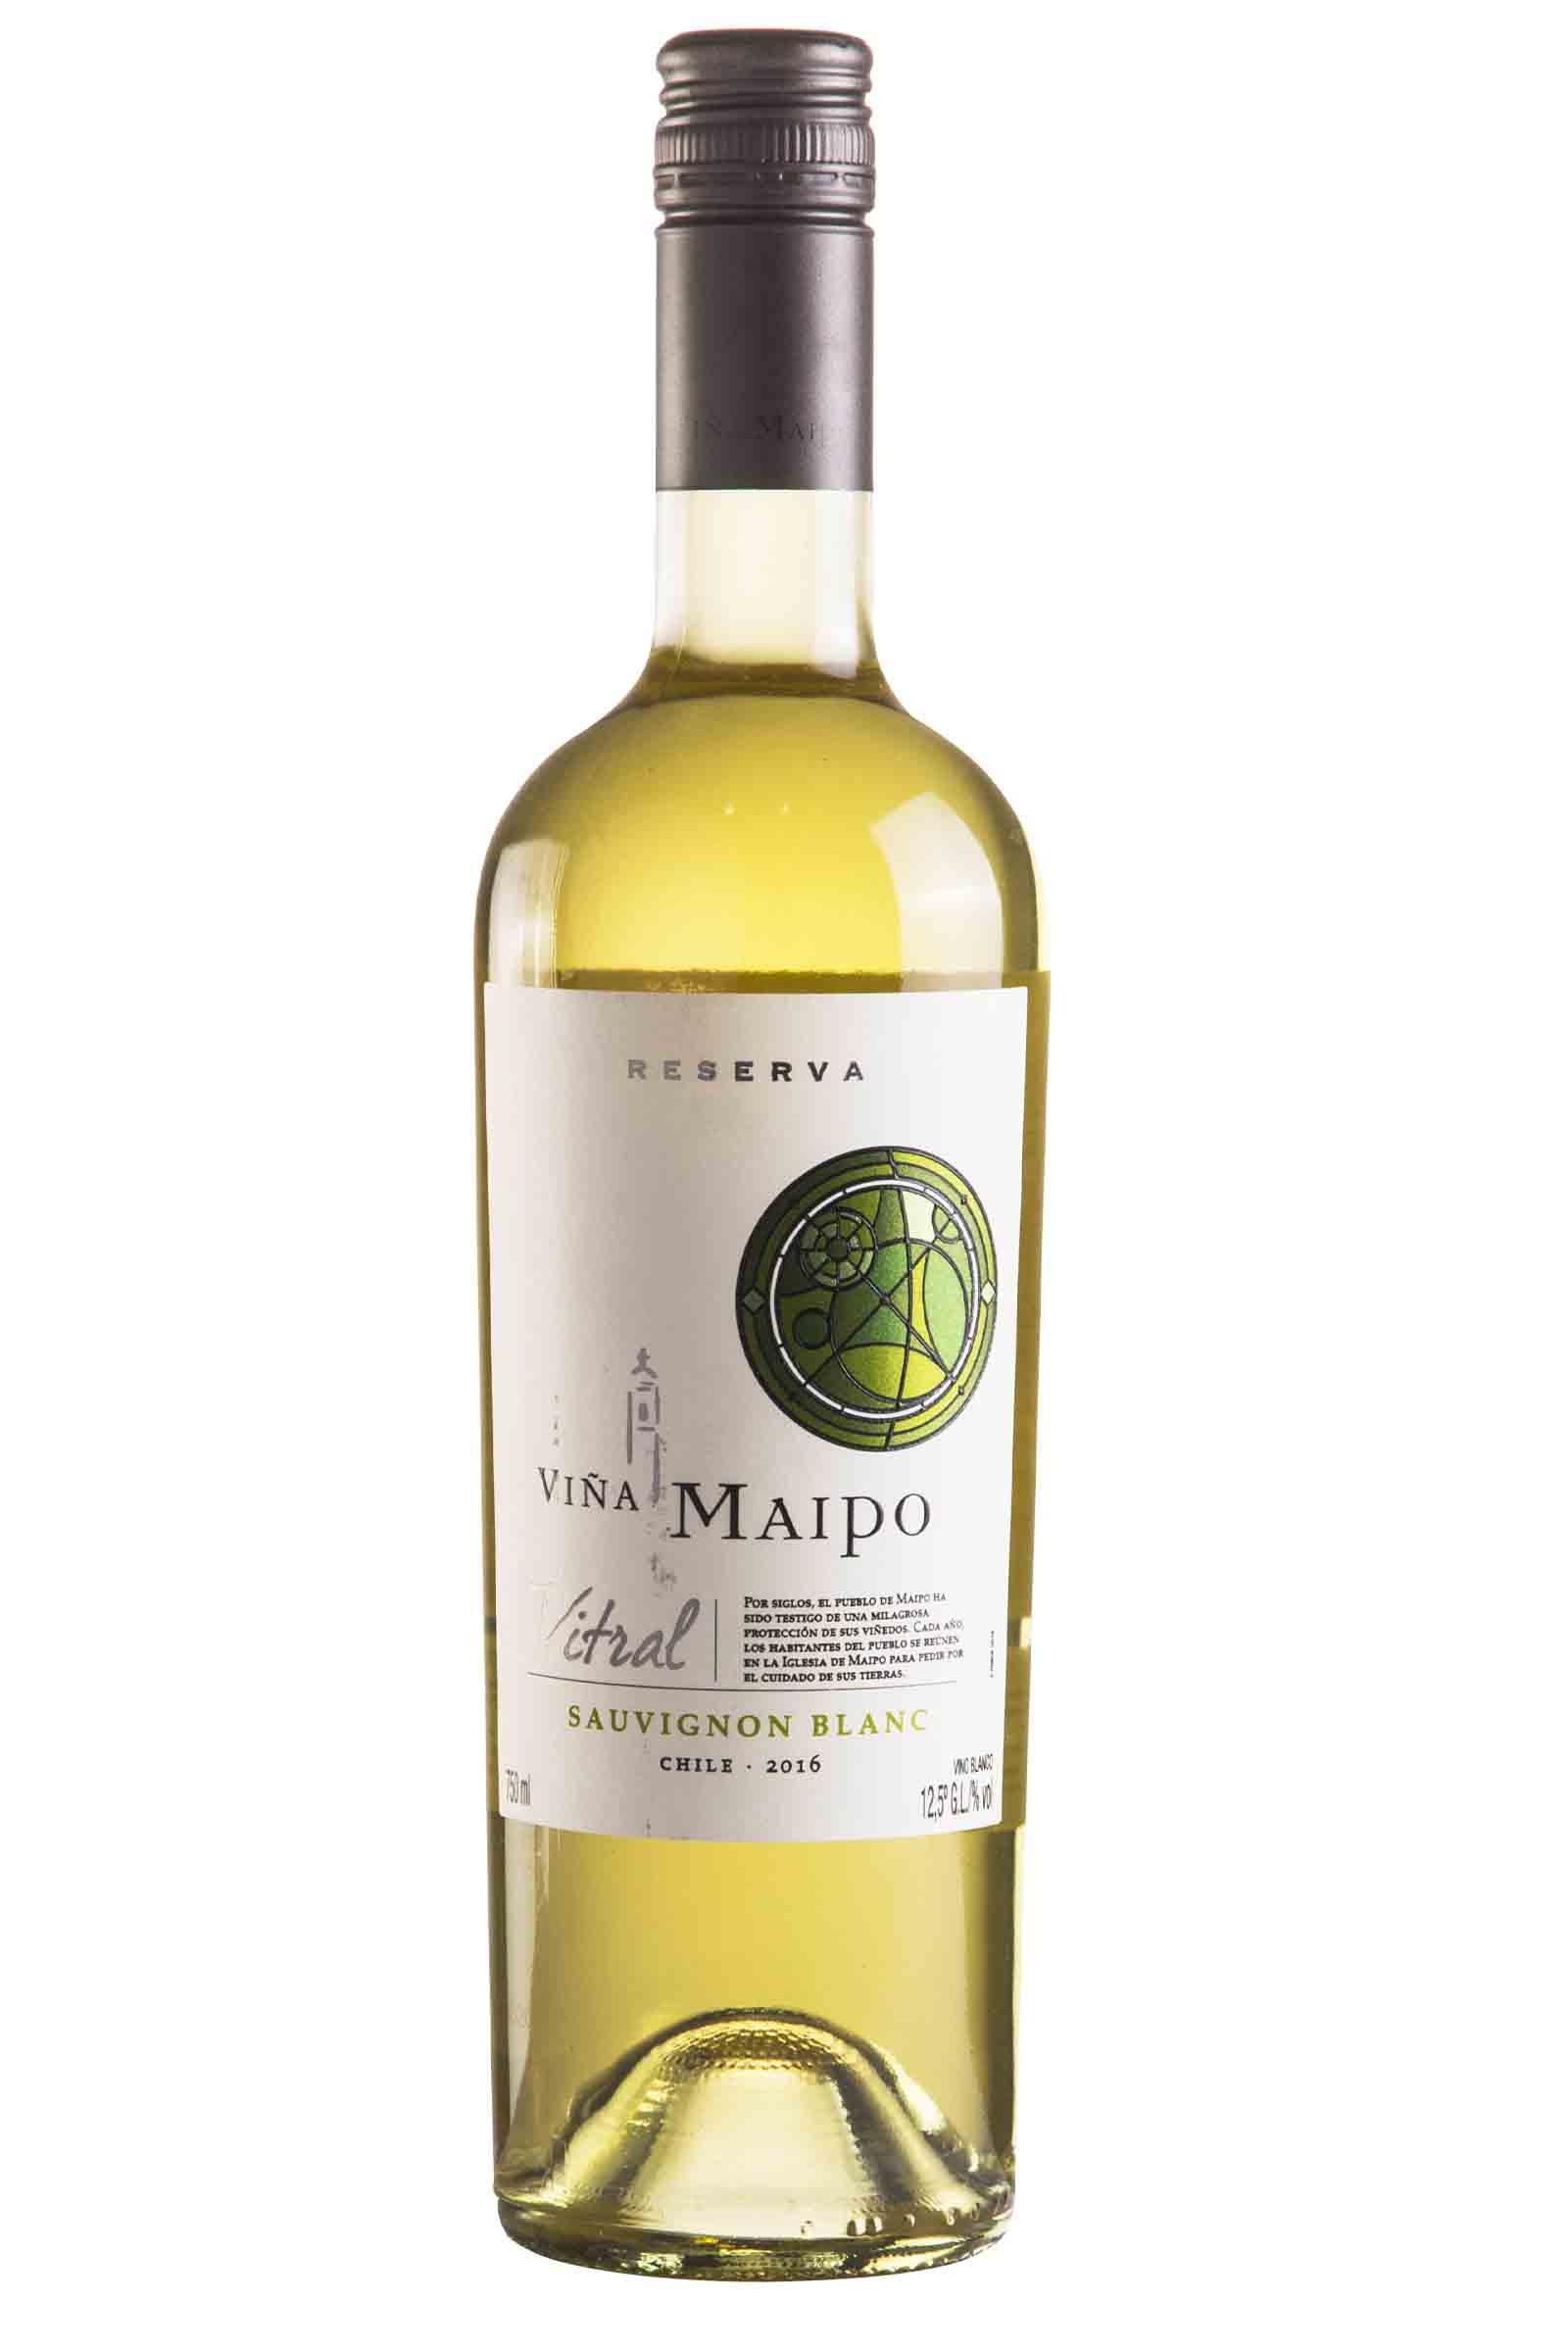 Vino Maipo Vitral Reserva Sauvignon Blanc 750ml